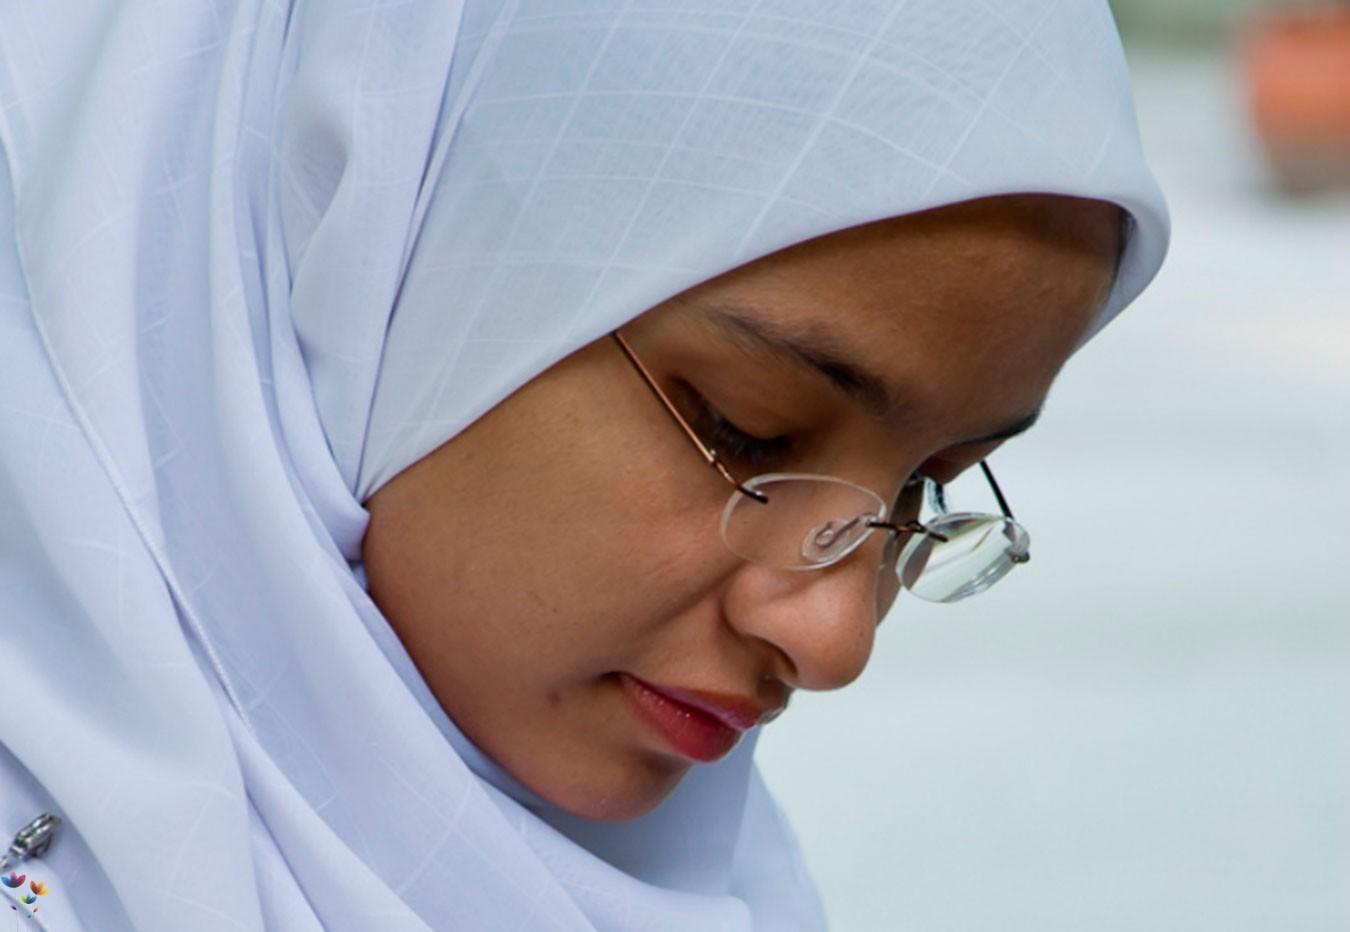 Тамбовскую школьницу непустили назанятия вплатке